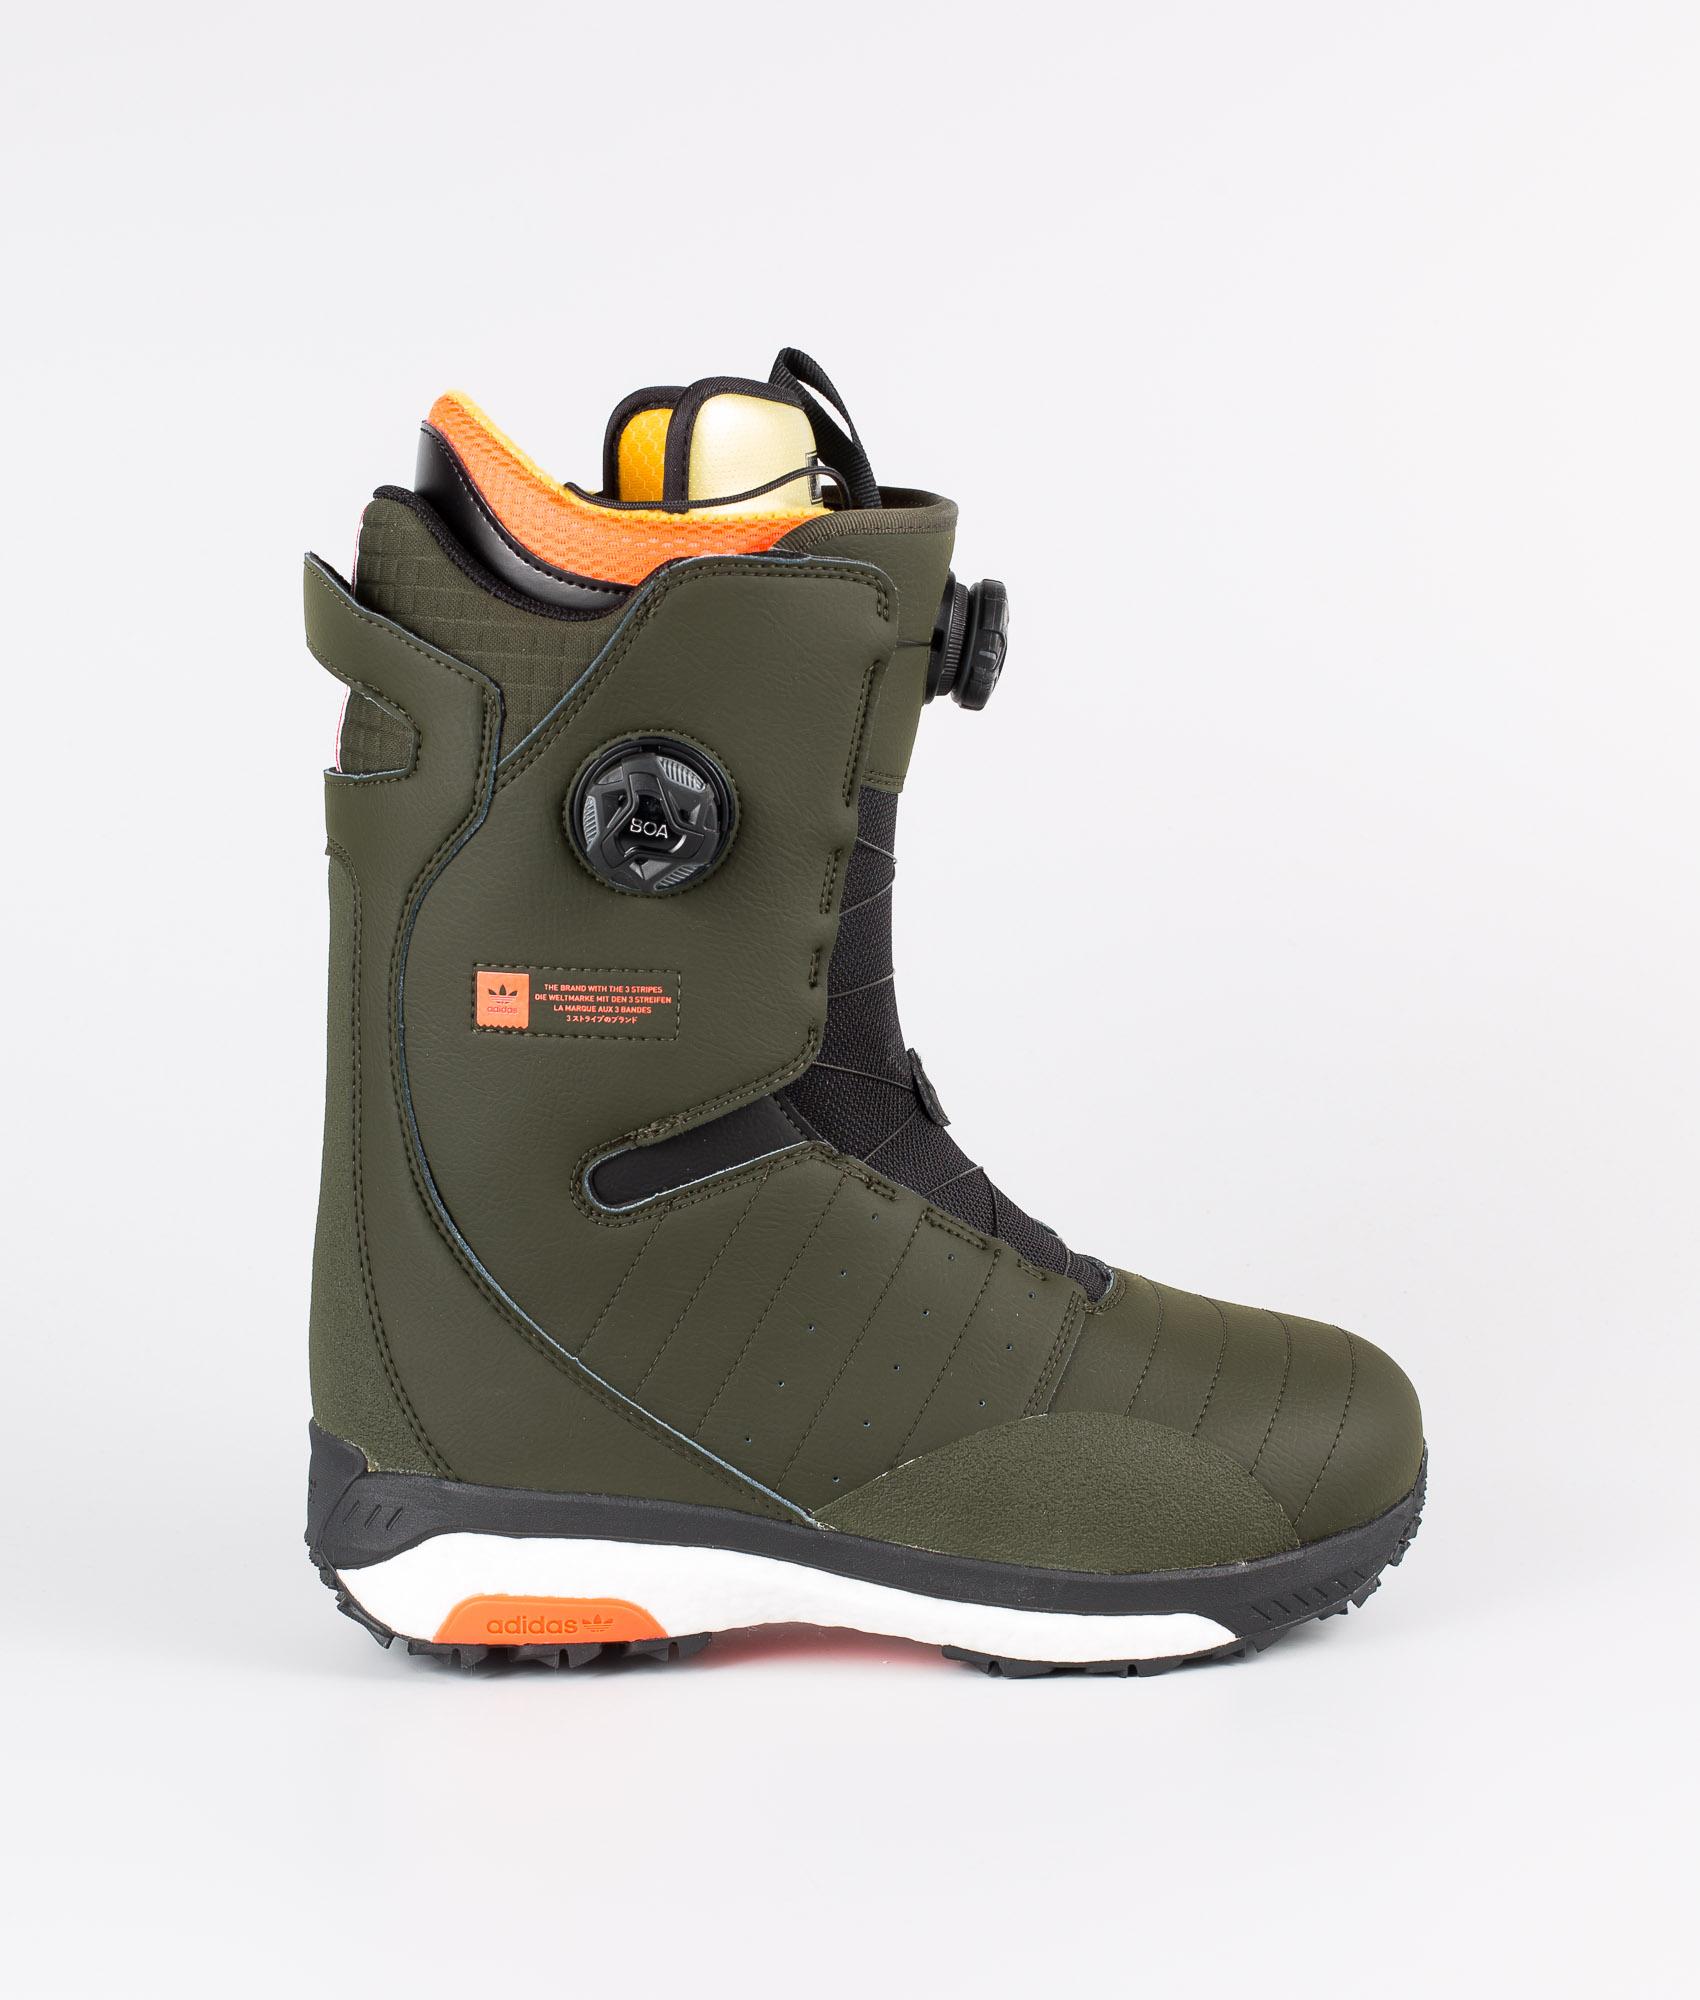 adidas schuhe shop, Adidas Superstar Snowboard Boots Core